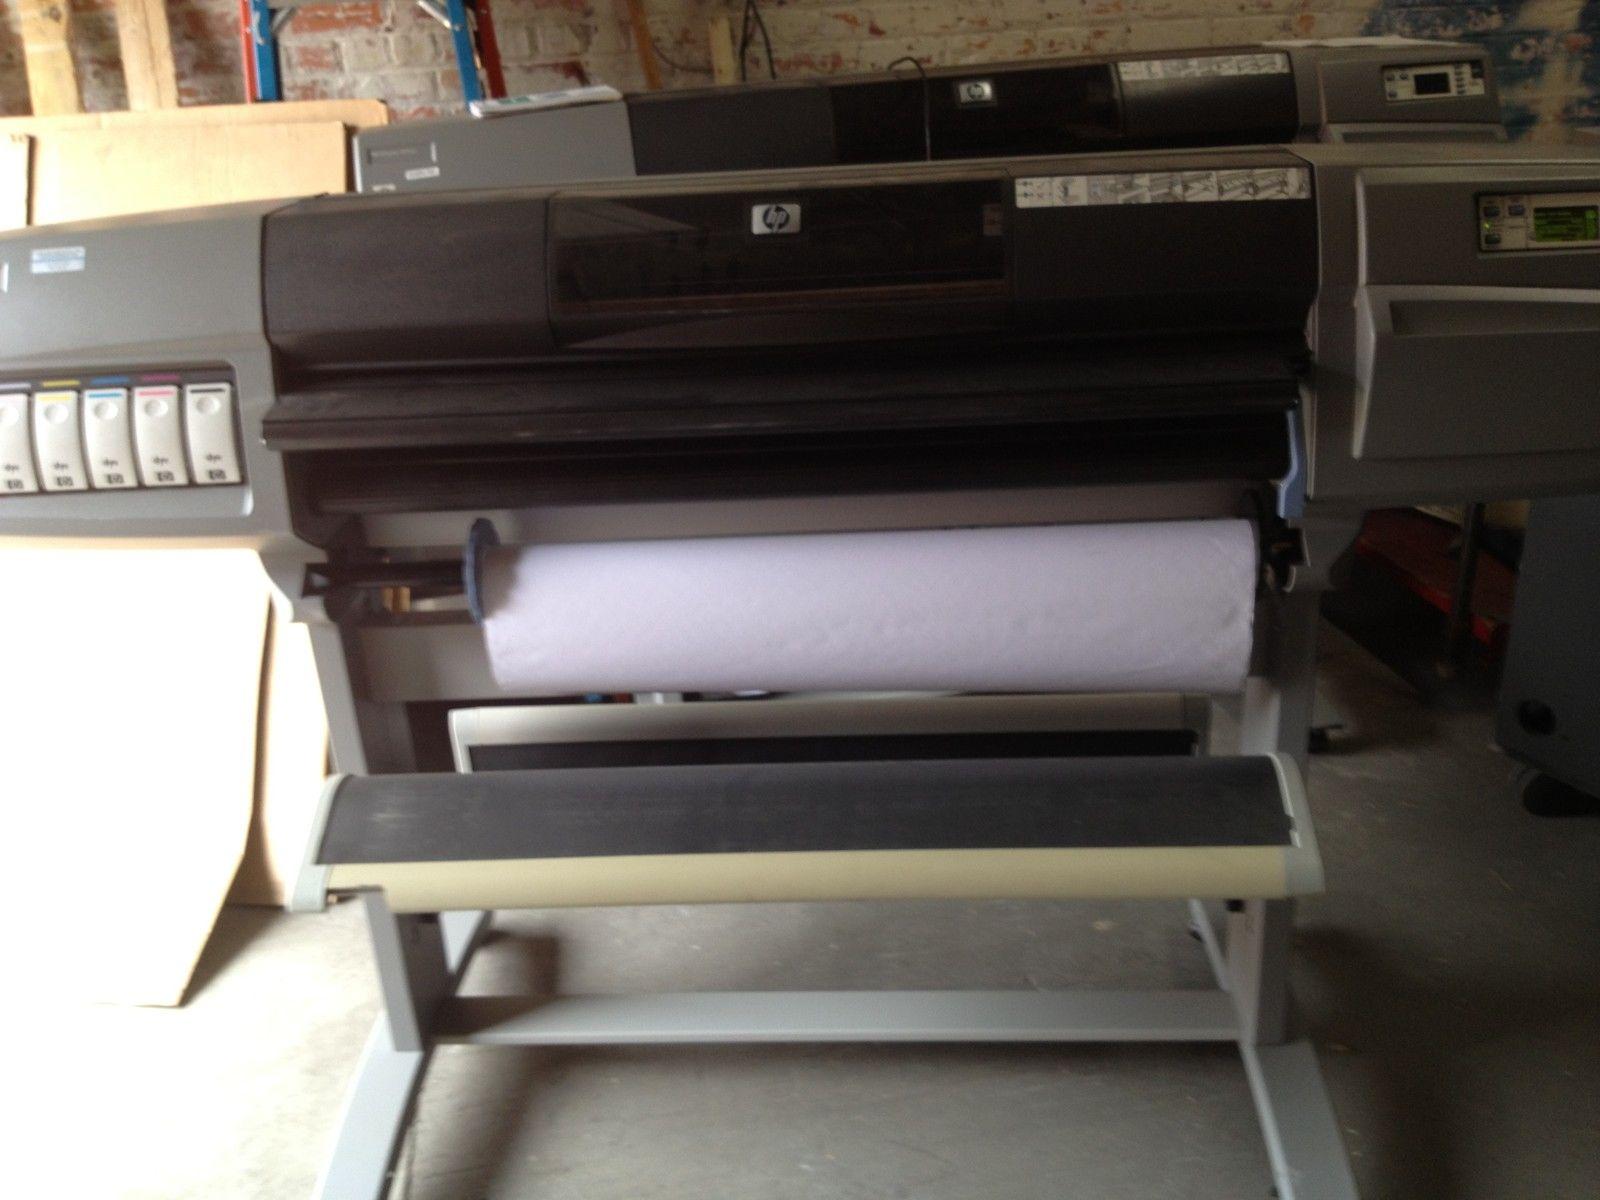 Hp Designjet 5500ps Digital Photo Inkjet Printer 42 In